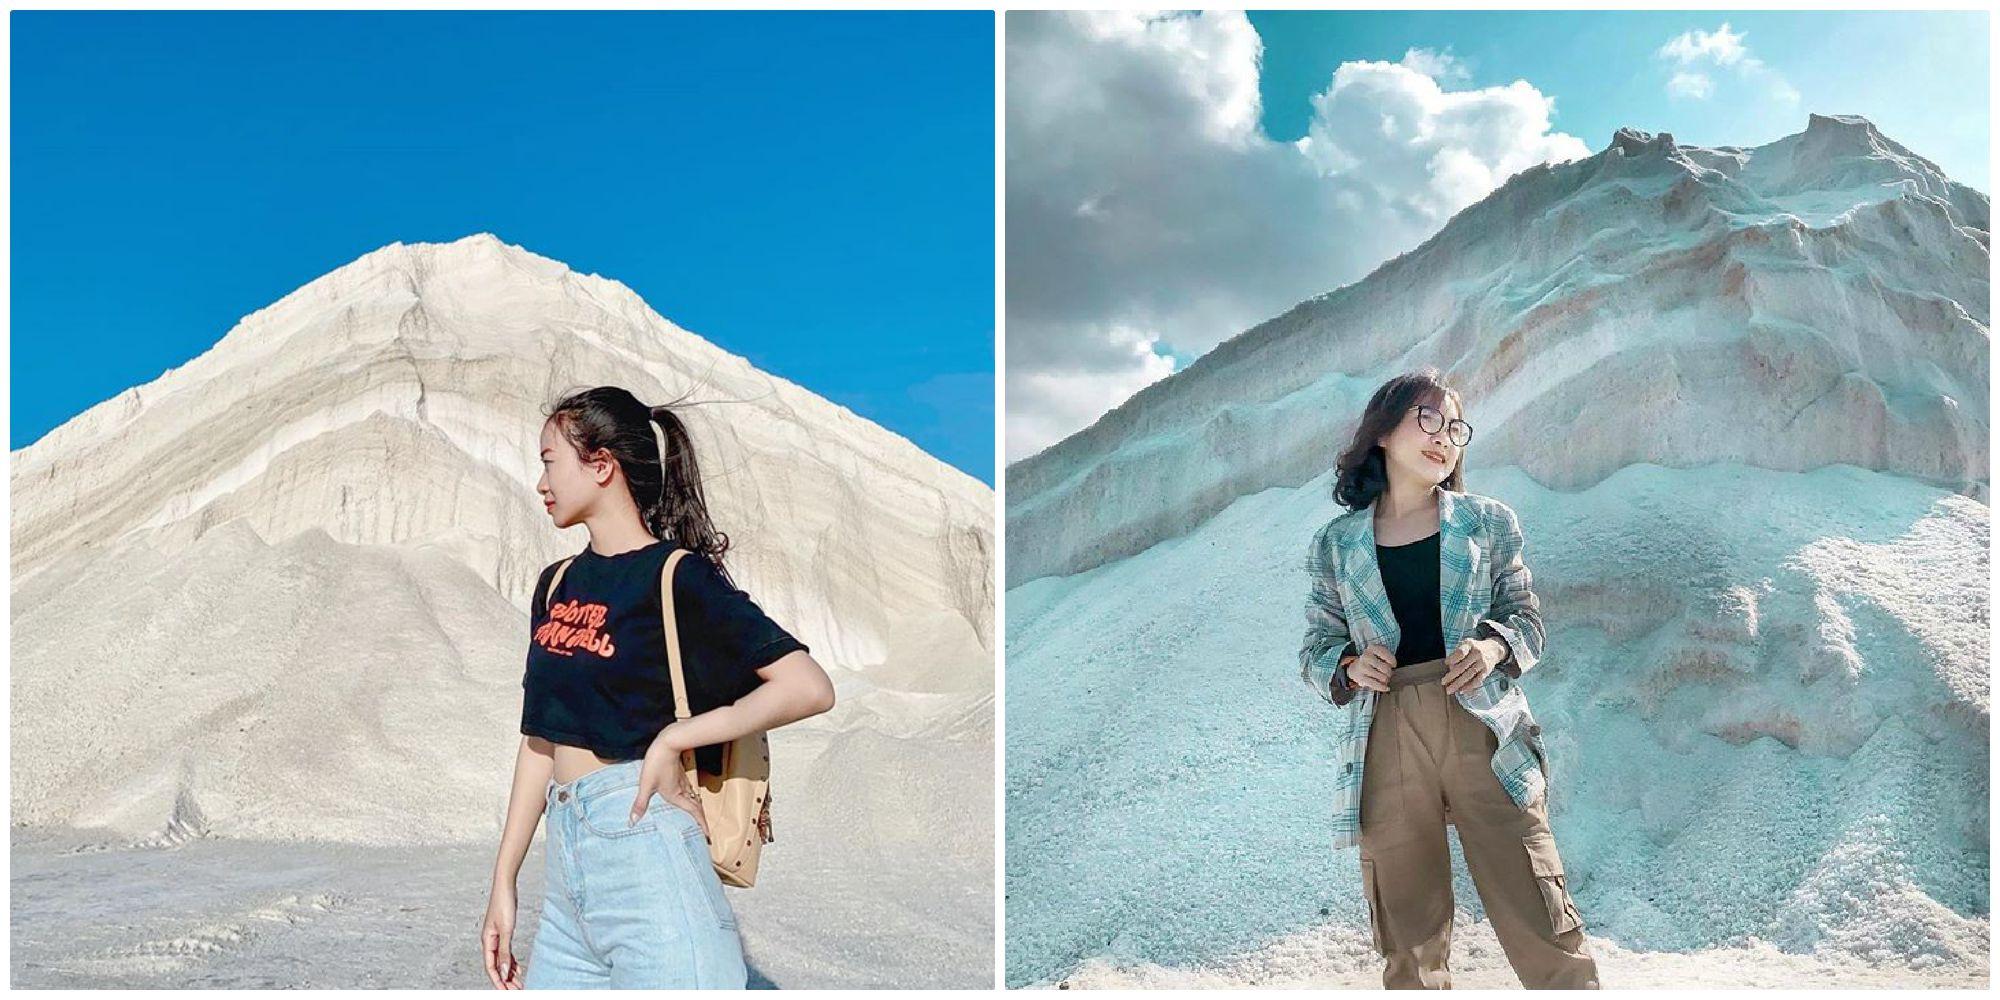 """Share mạnh tay tọa độ """"ngọn núi tuyết trắng"""" đẹp thần sầu ở Ninh Thuận"""